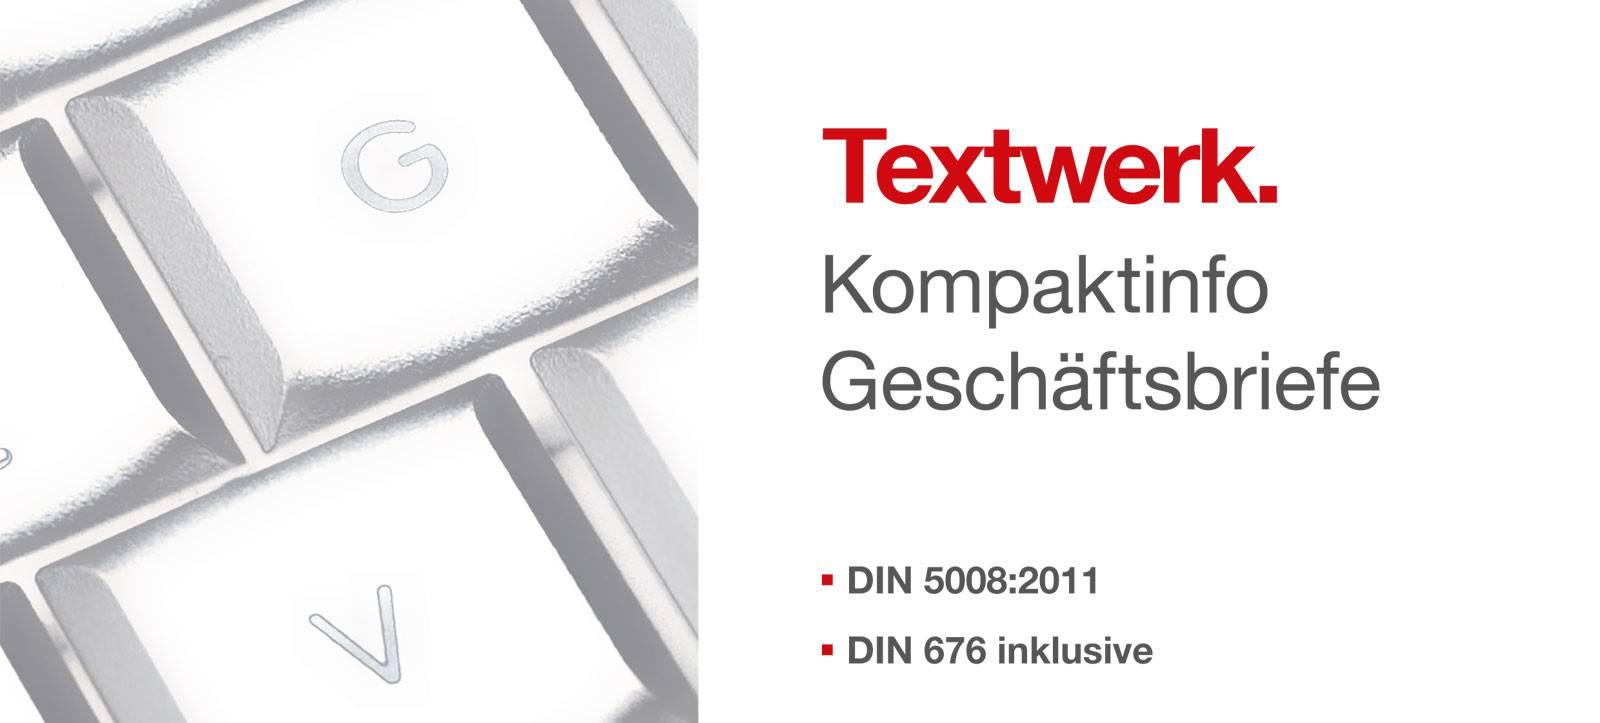 Nachschlagewerk Kompaktinfo Geschäftsbriefe Wordpress Webdesign